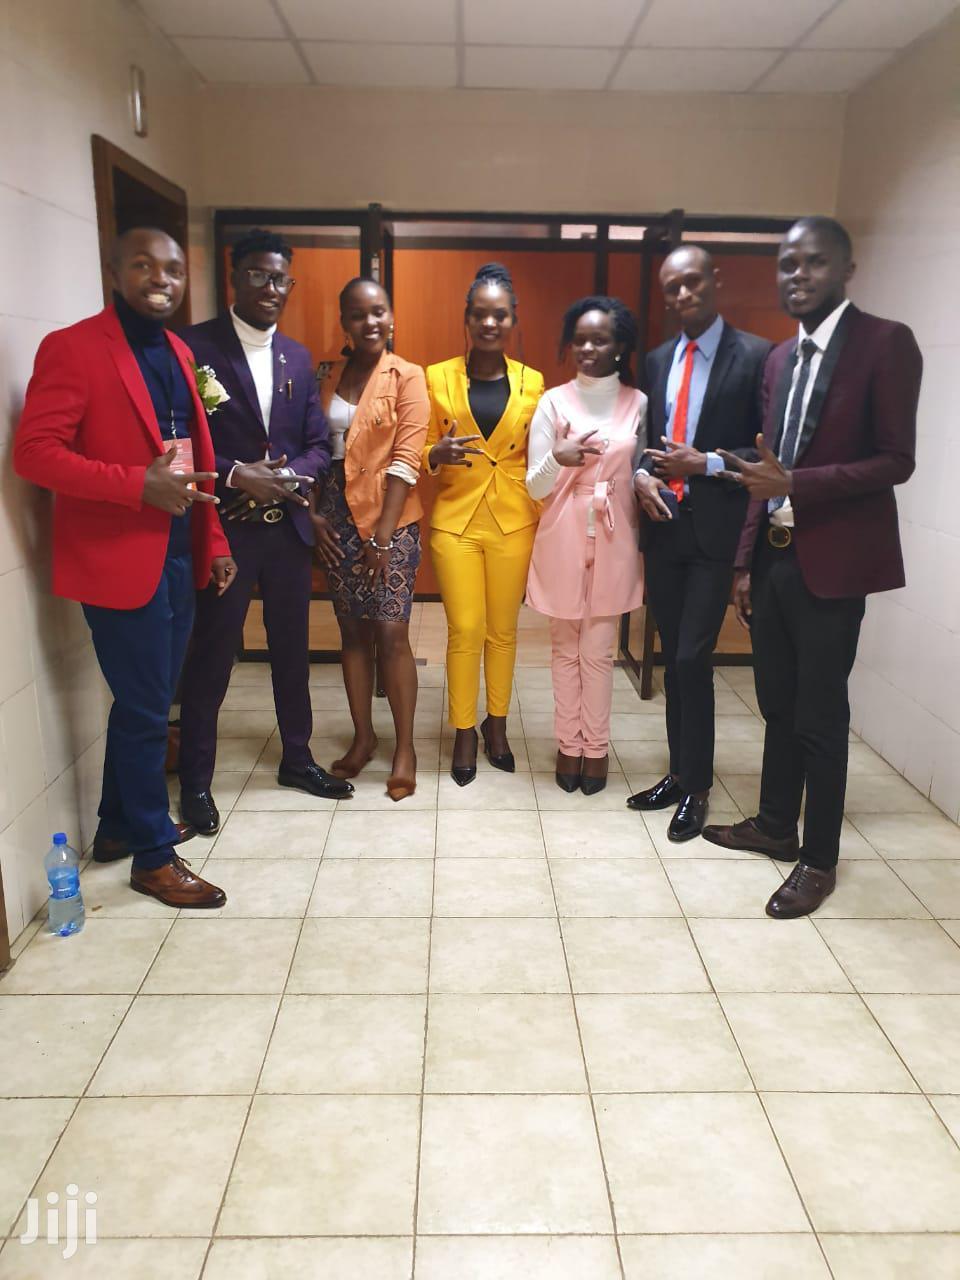 Archive: Kazi! Kazi! Kazi! In Nkomo